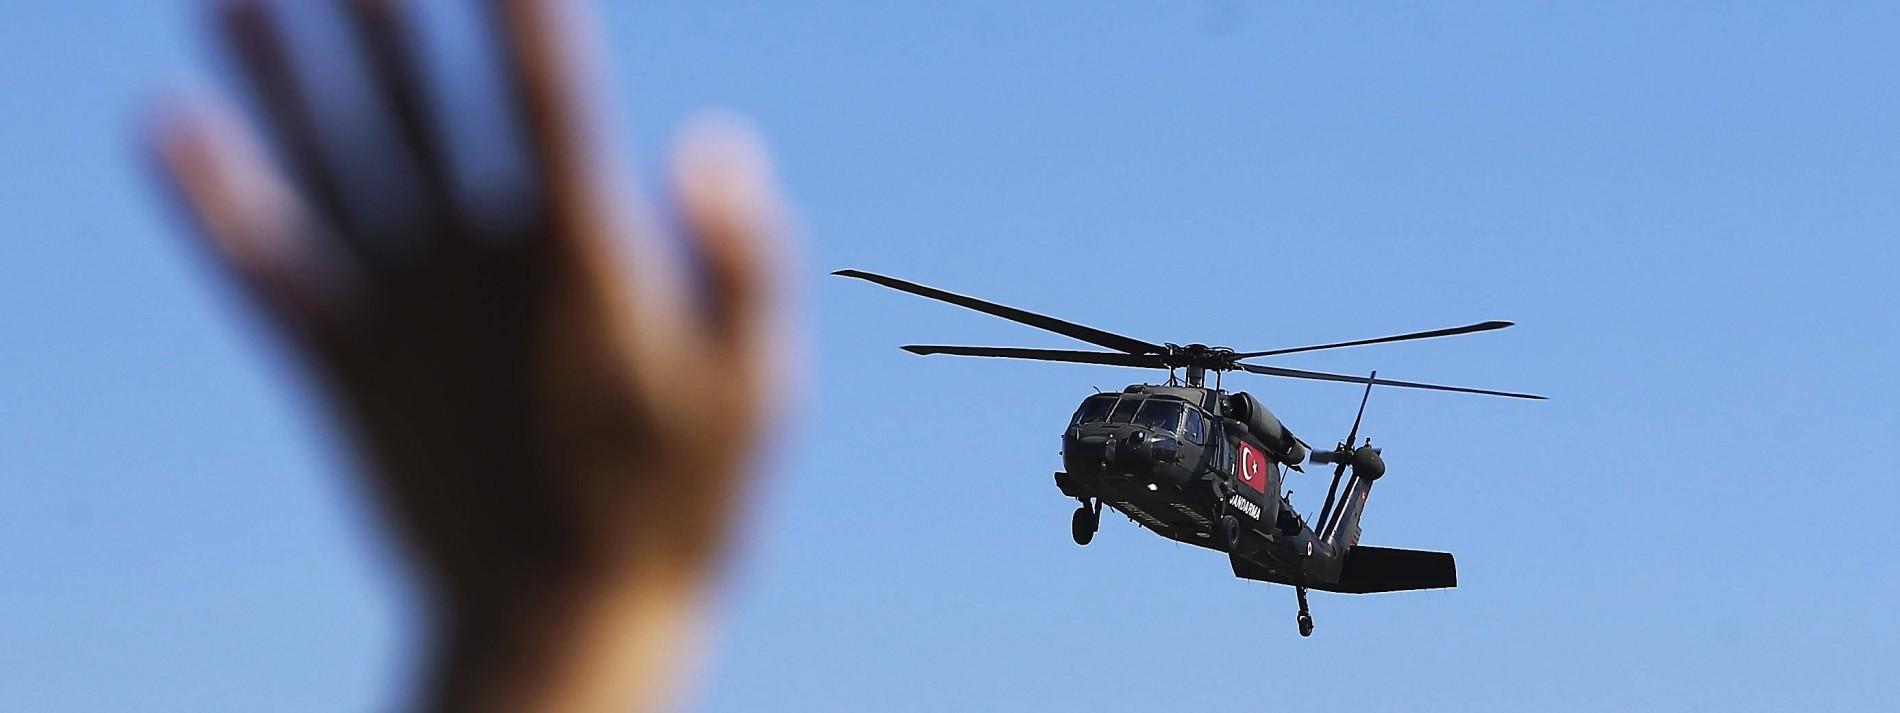 Folterinstrument Hubschrauber